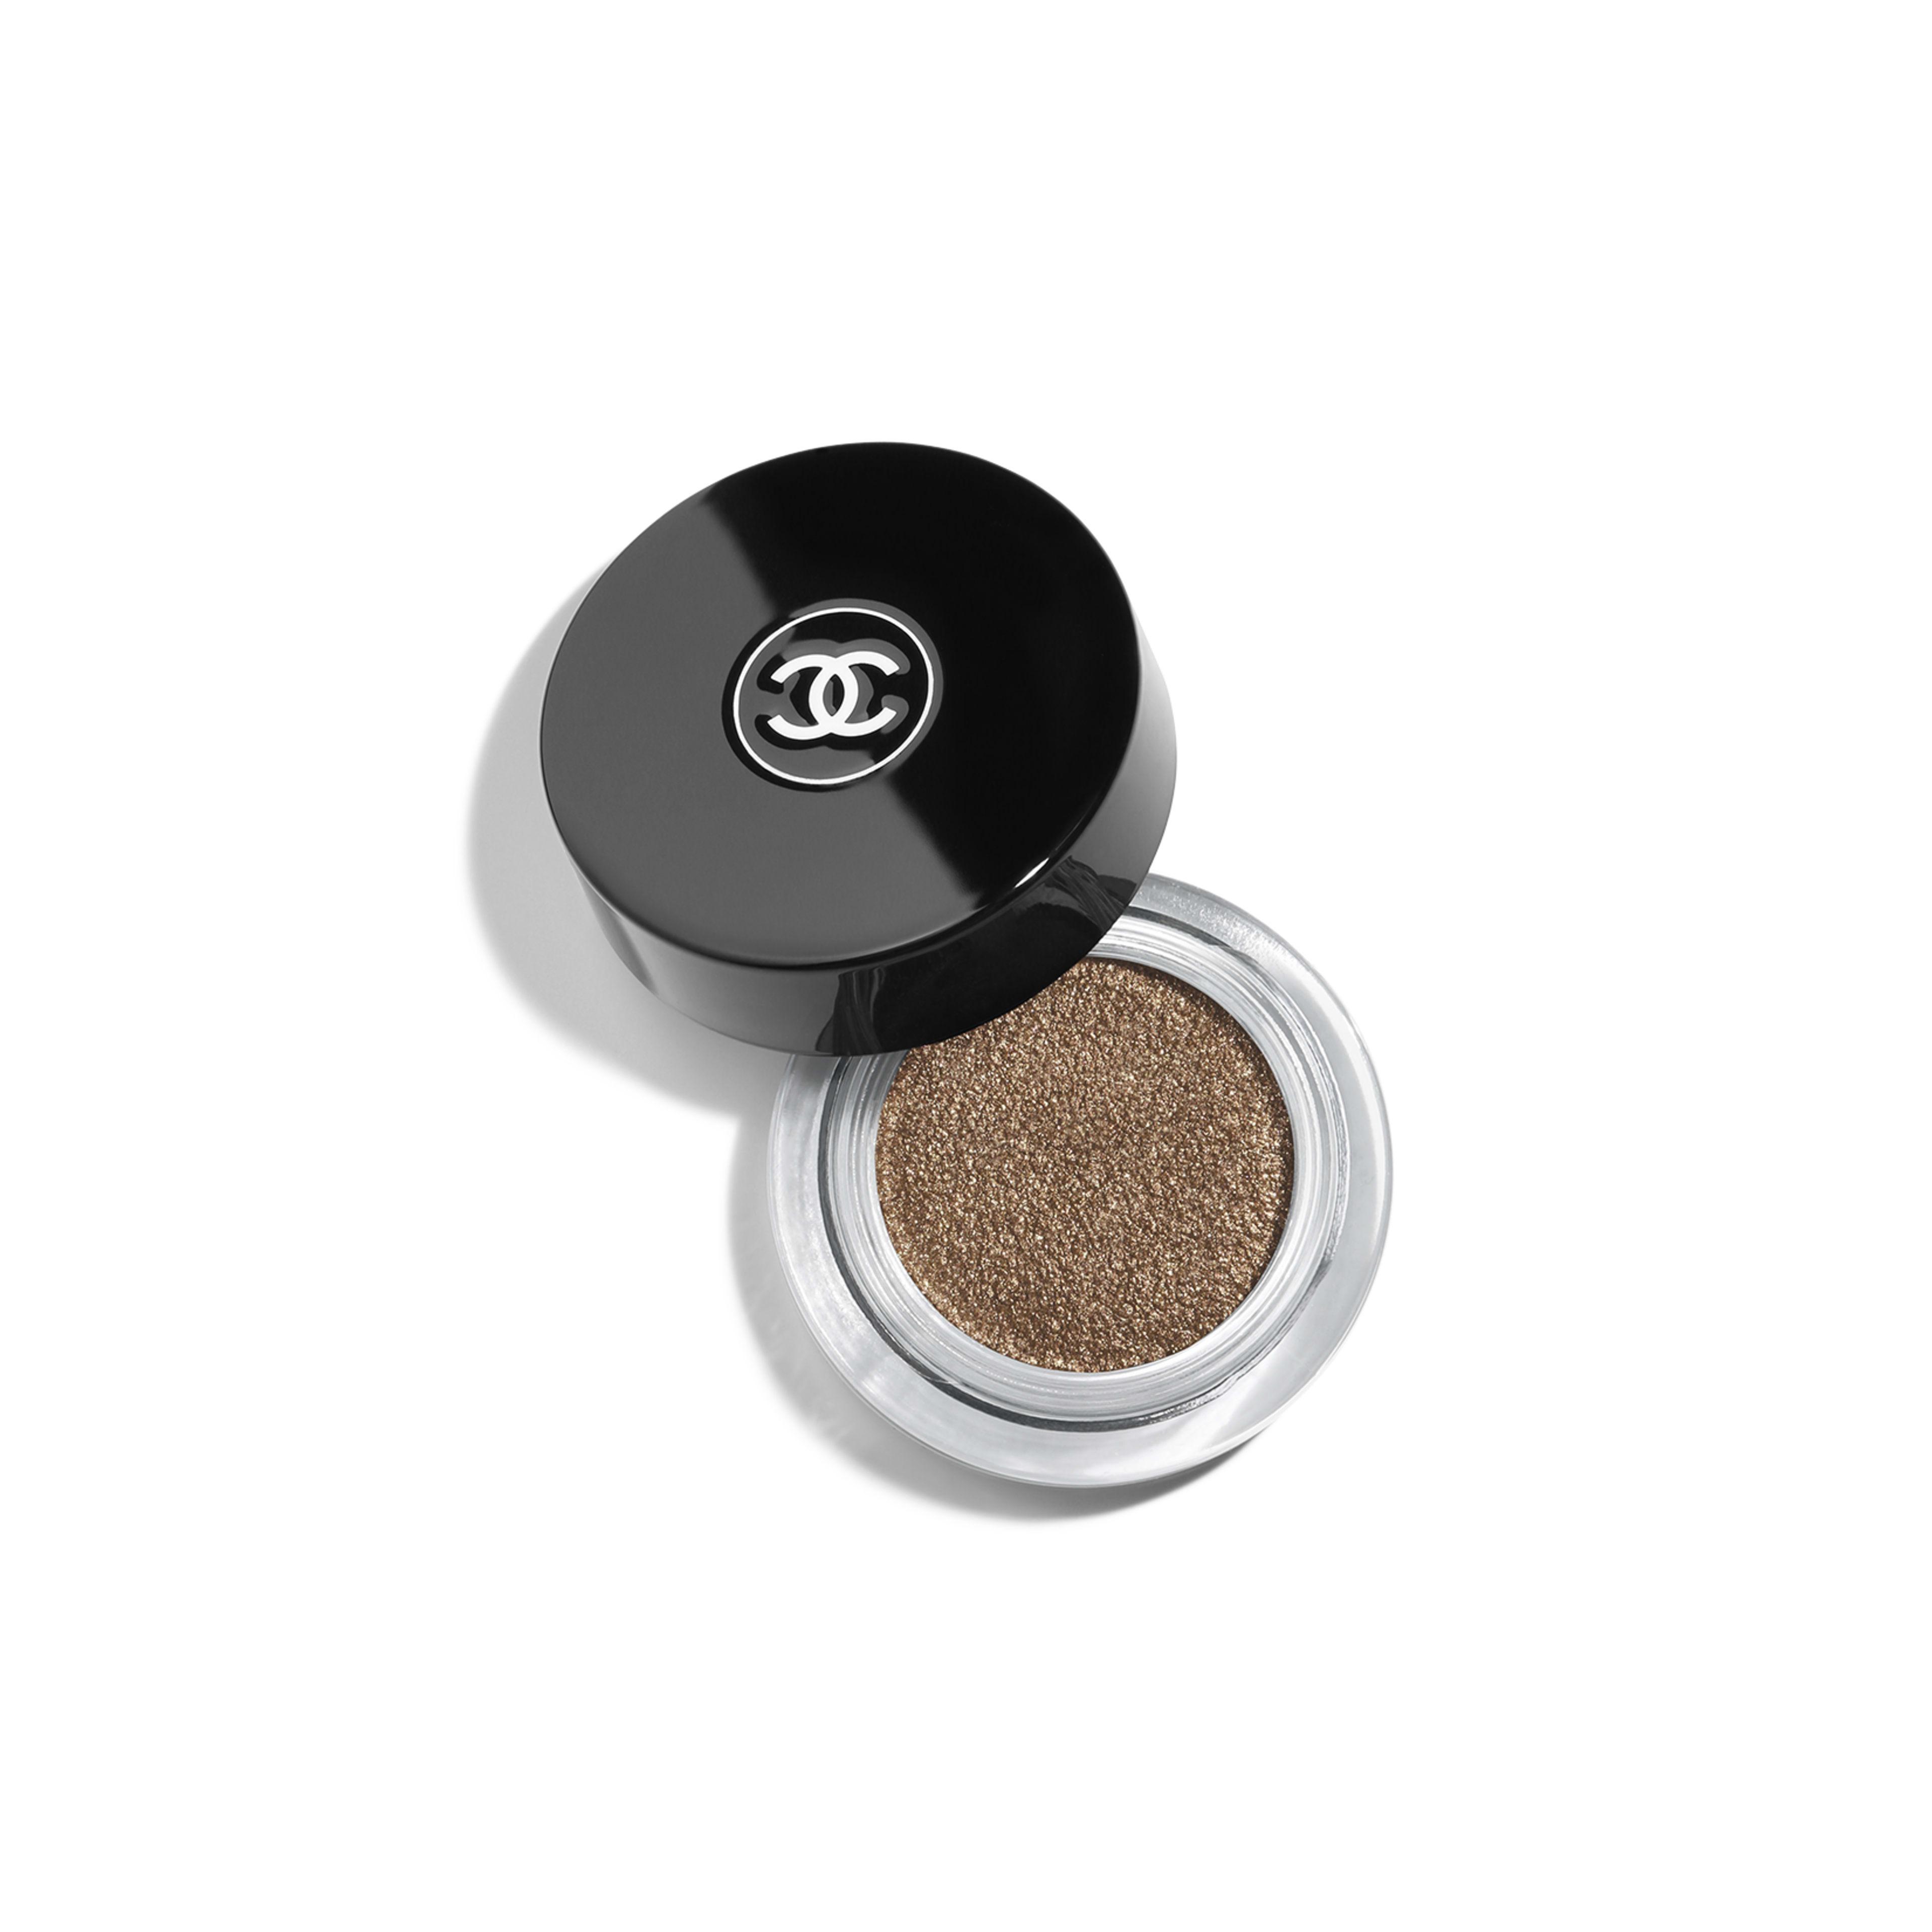 ILLUSION D'OMBRE - makeup - 0.14OZ. - Default view